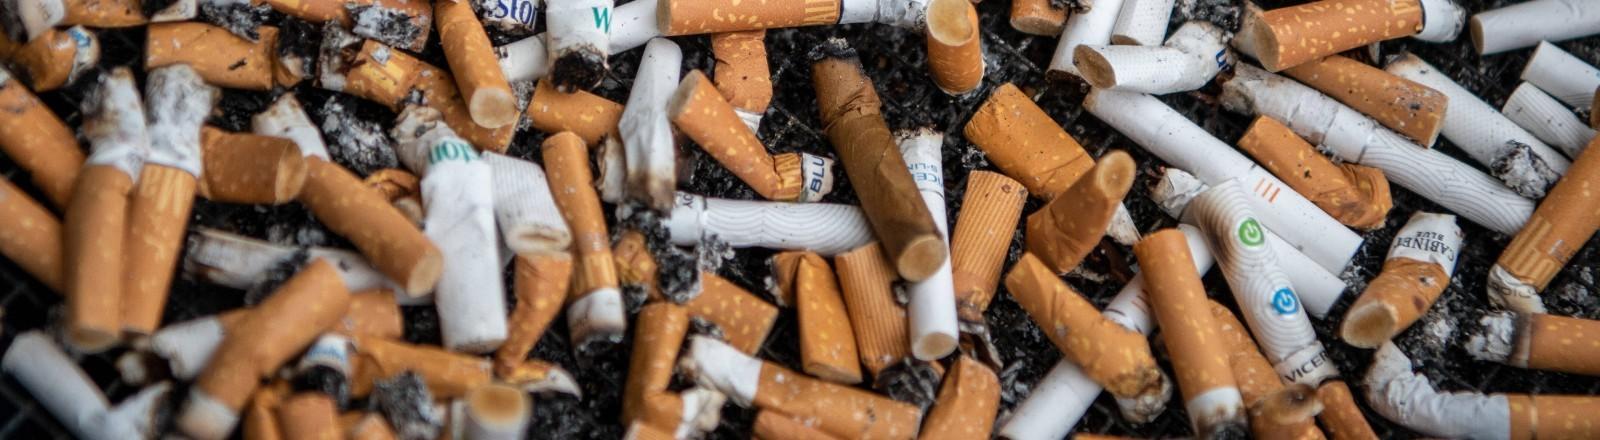 Ein Haufen Zigarettenstummel